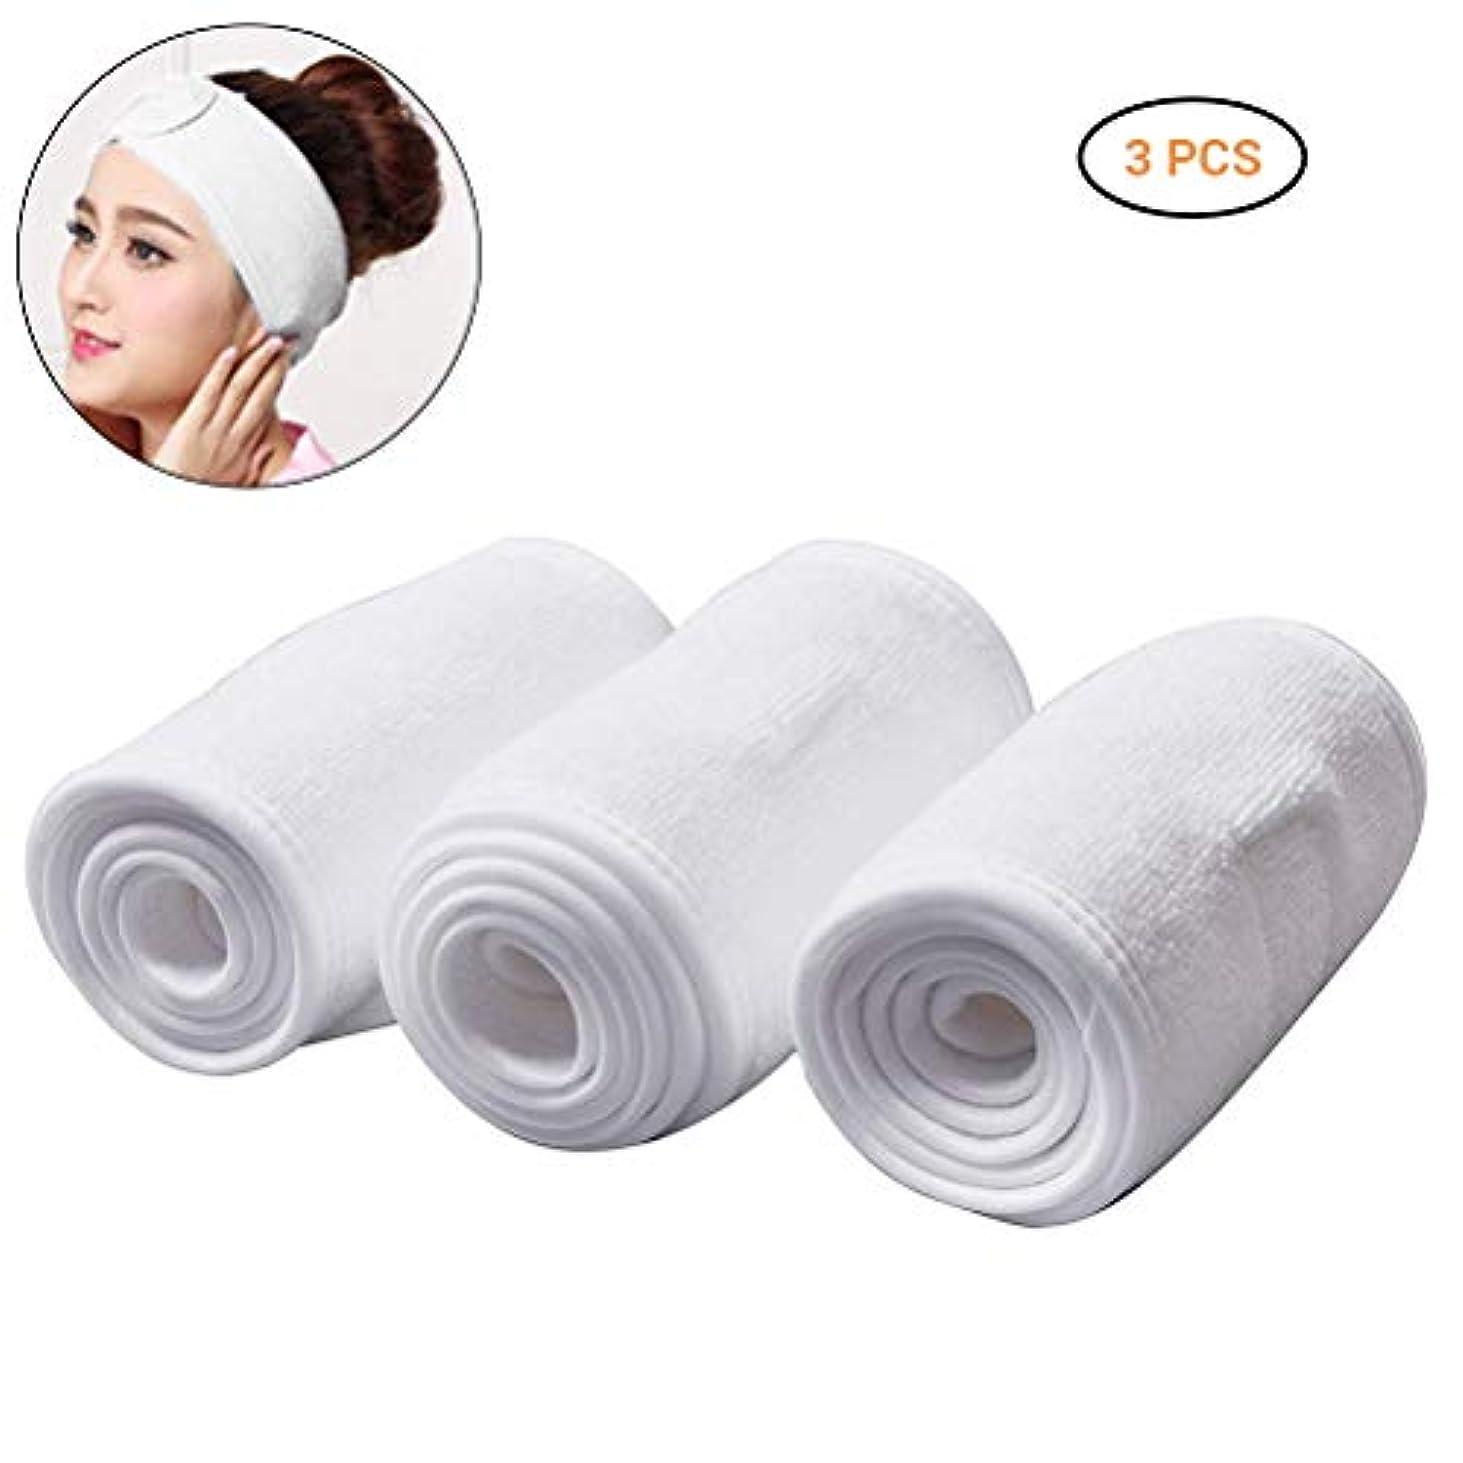 保証ガラス非常に怒っていますBSTOPSEL 女性のための調節可能なヘアバンド顔洗浄スポーツ化粧ヘッドバンド